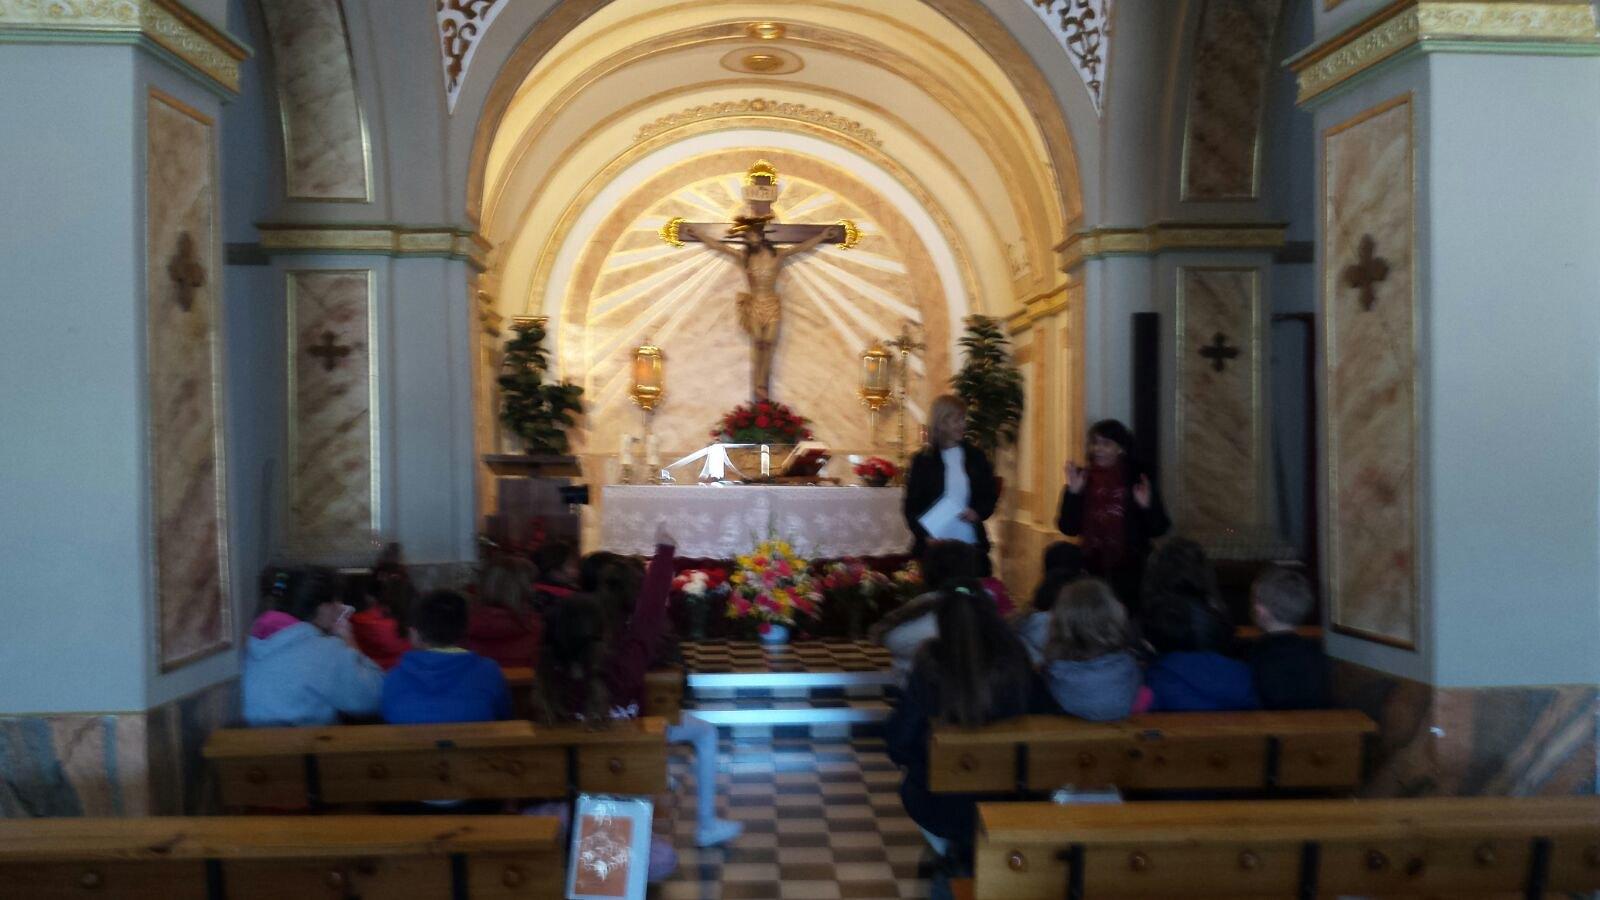 (2018-03-22) - Visita ermita alumnos Laura,3ºC, profesora religión Reina Sofia - Marzo -  María Isabel Berenguer Brotons (13)